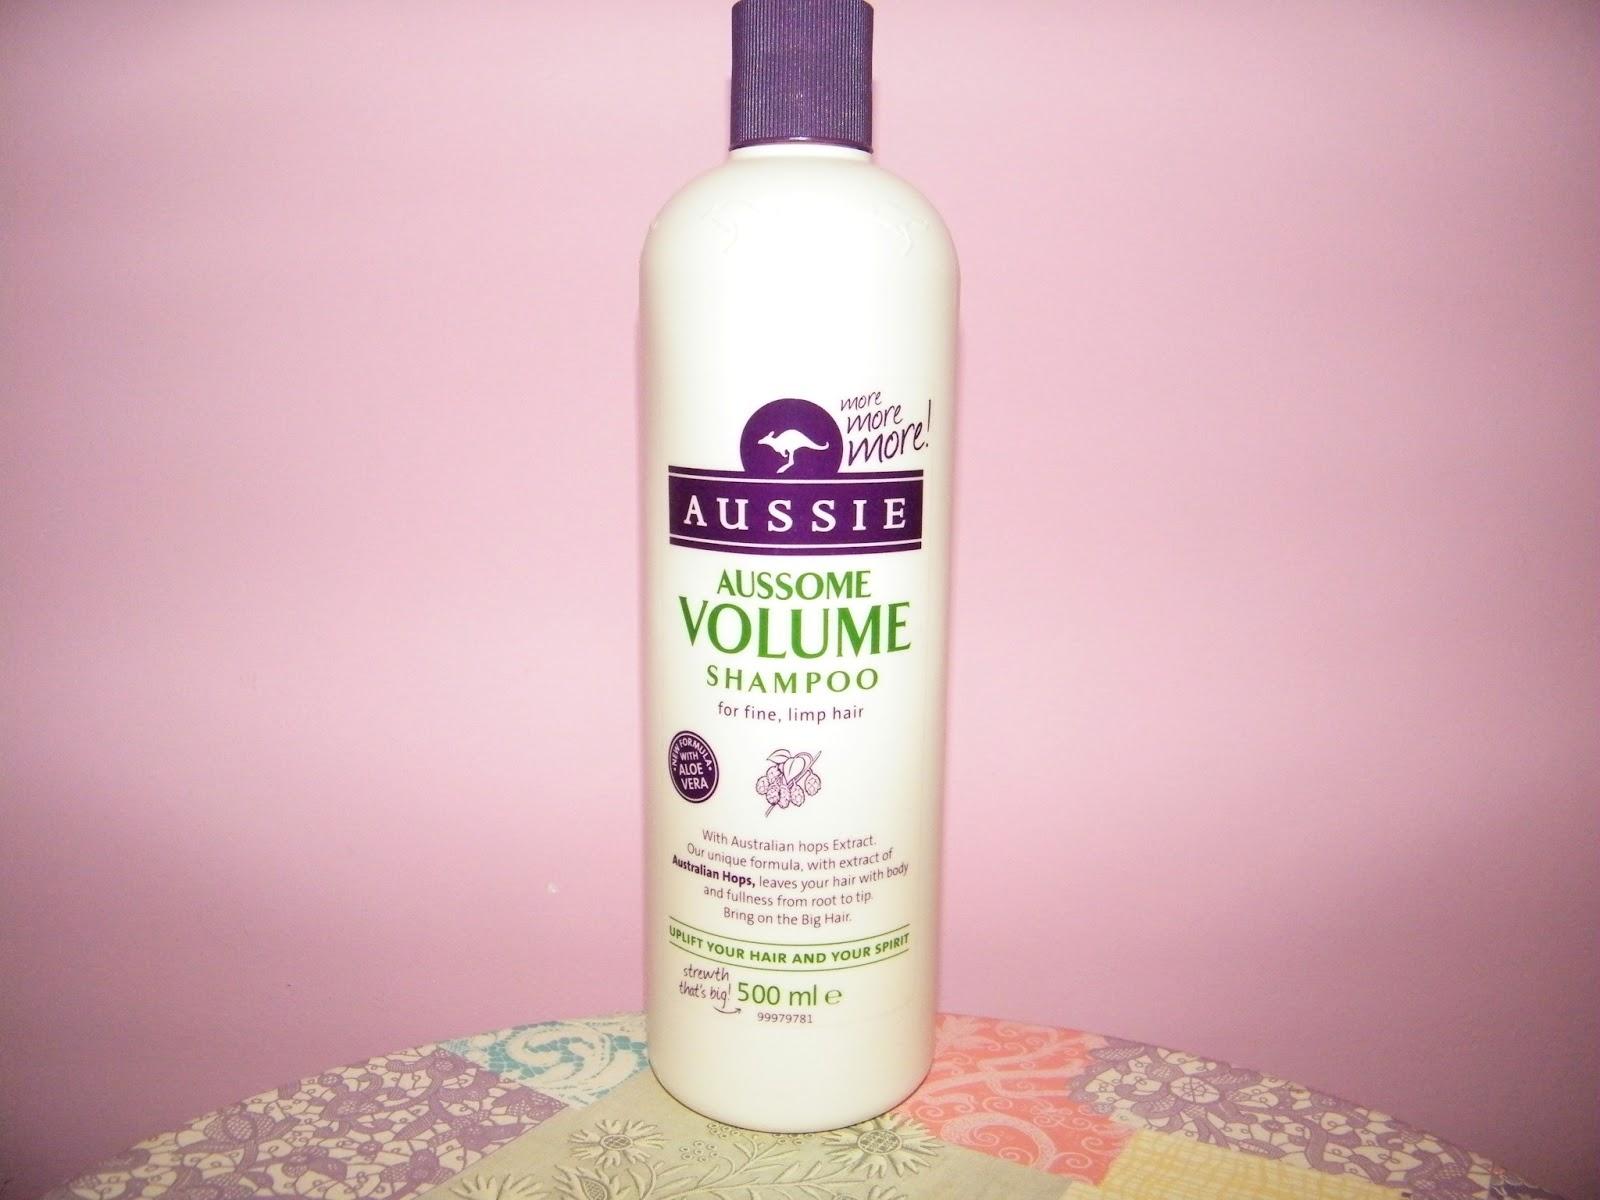 Aussie Volume Shampoo